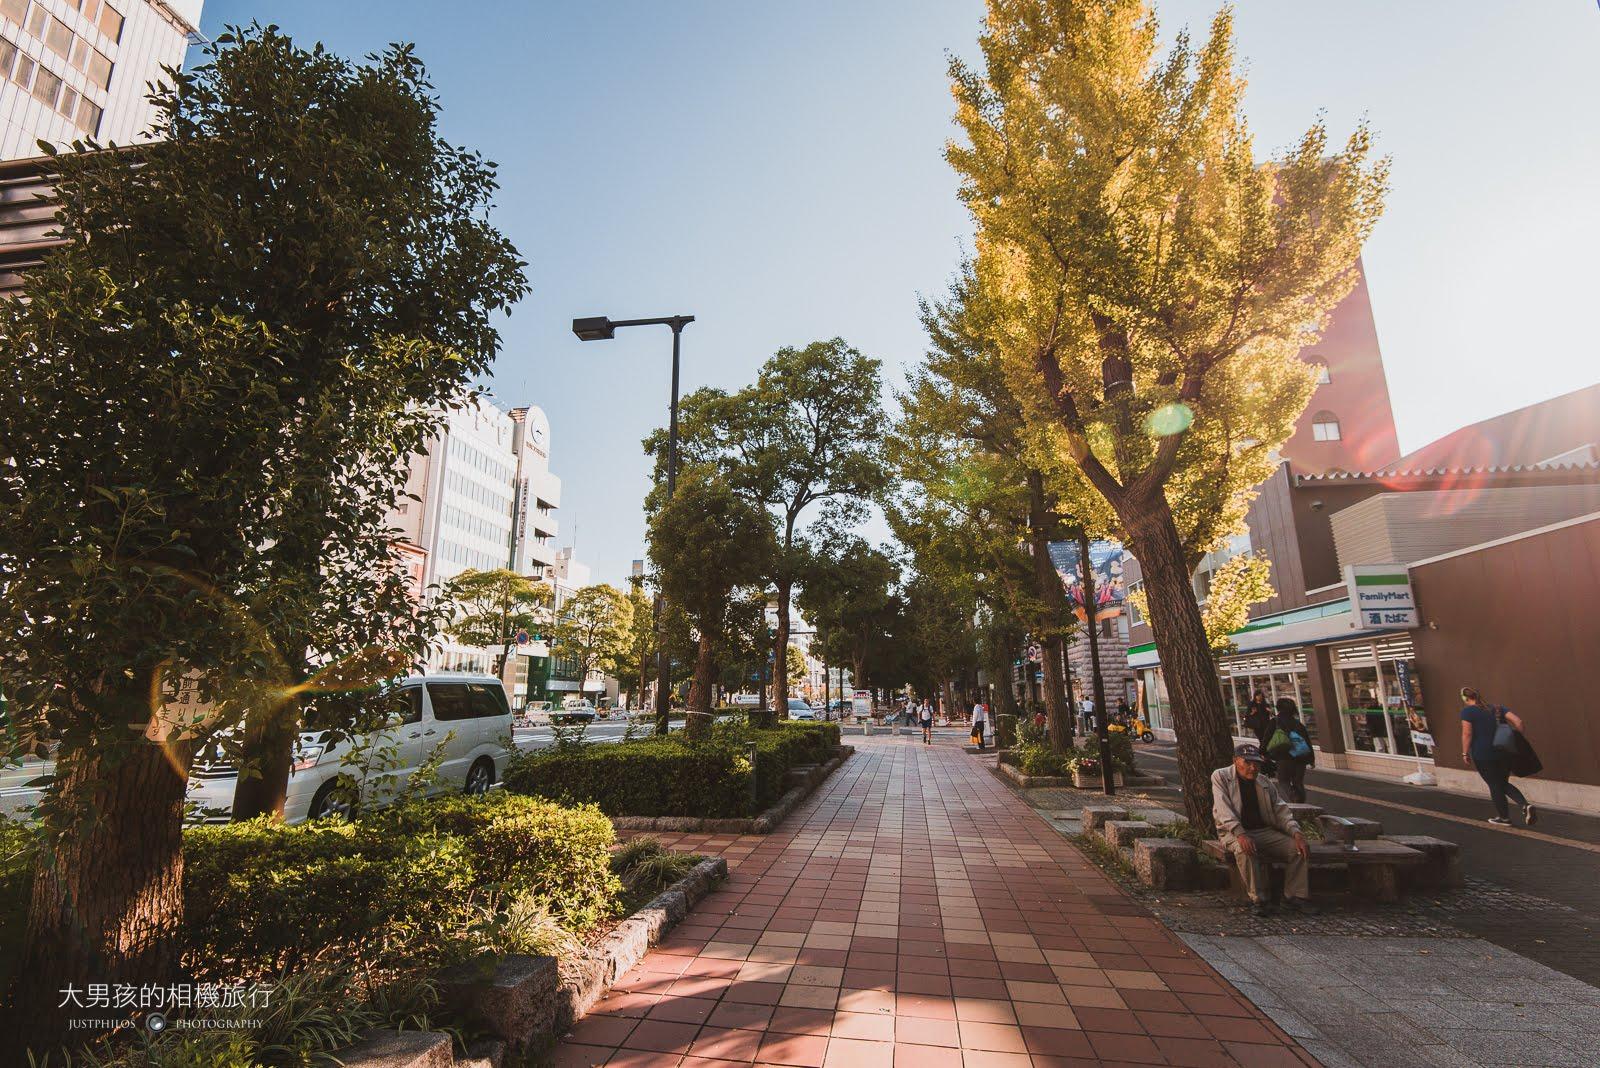 不得不說日本的街景真的怎麼拍都美,即便是一般的街道走在上面也是相當舒服。